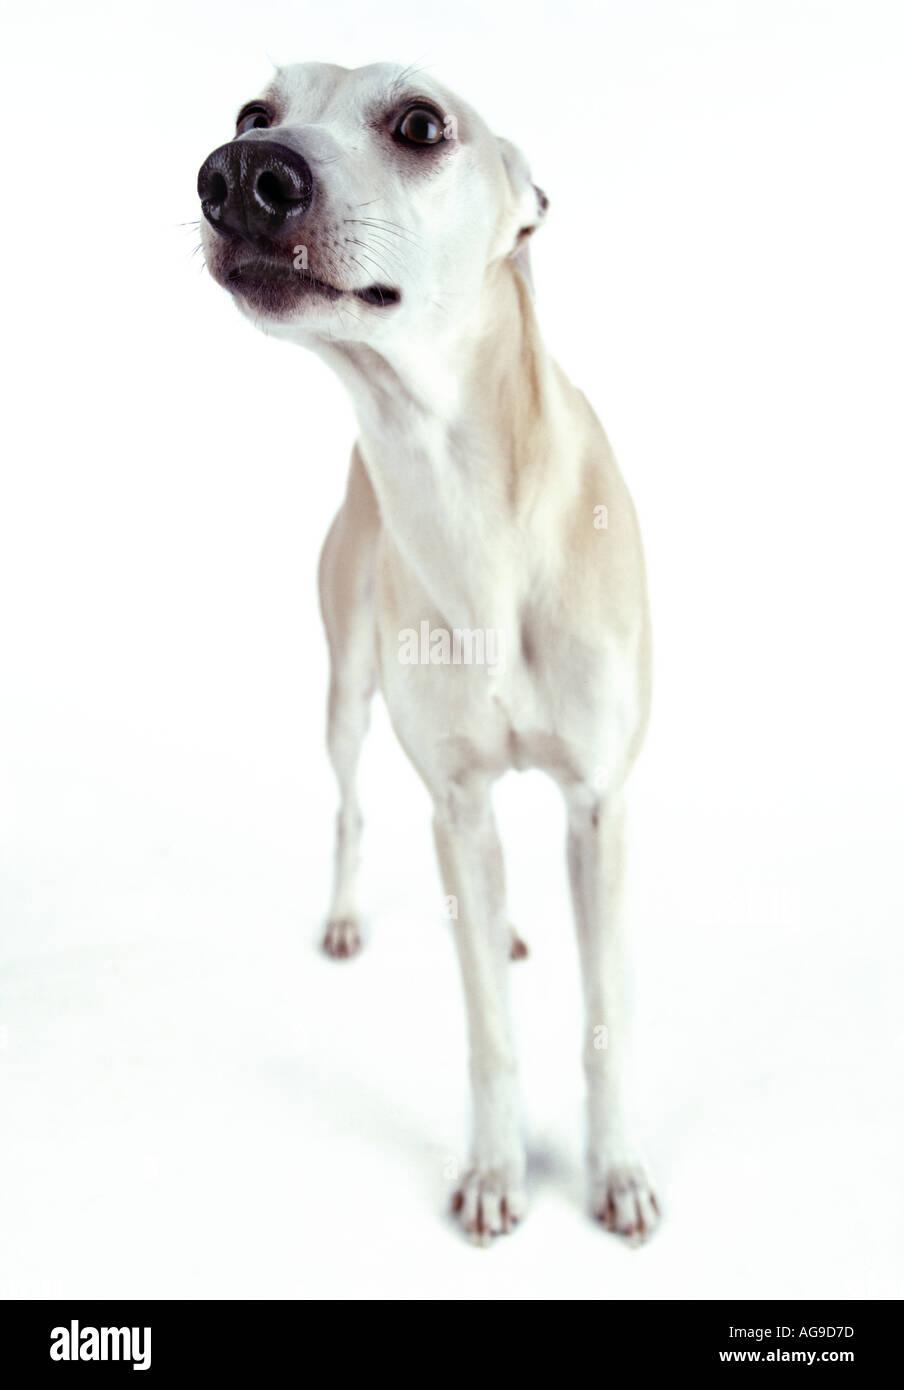 white whippet dog - Stock Image